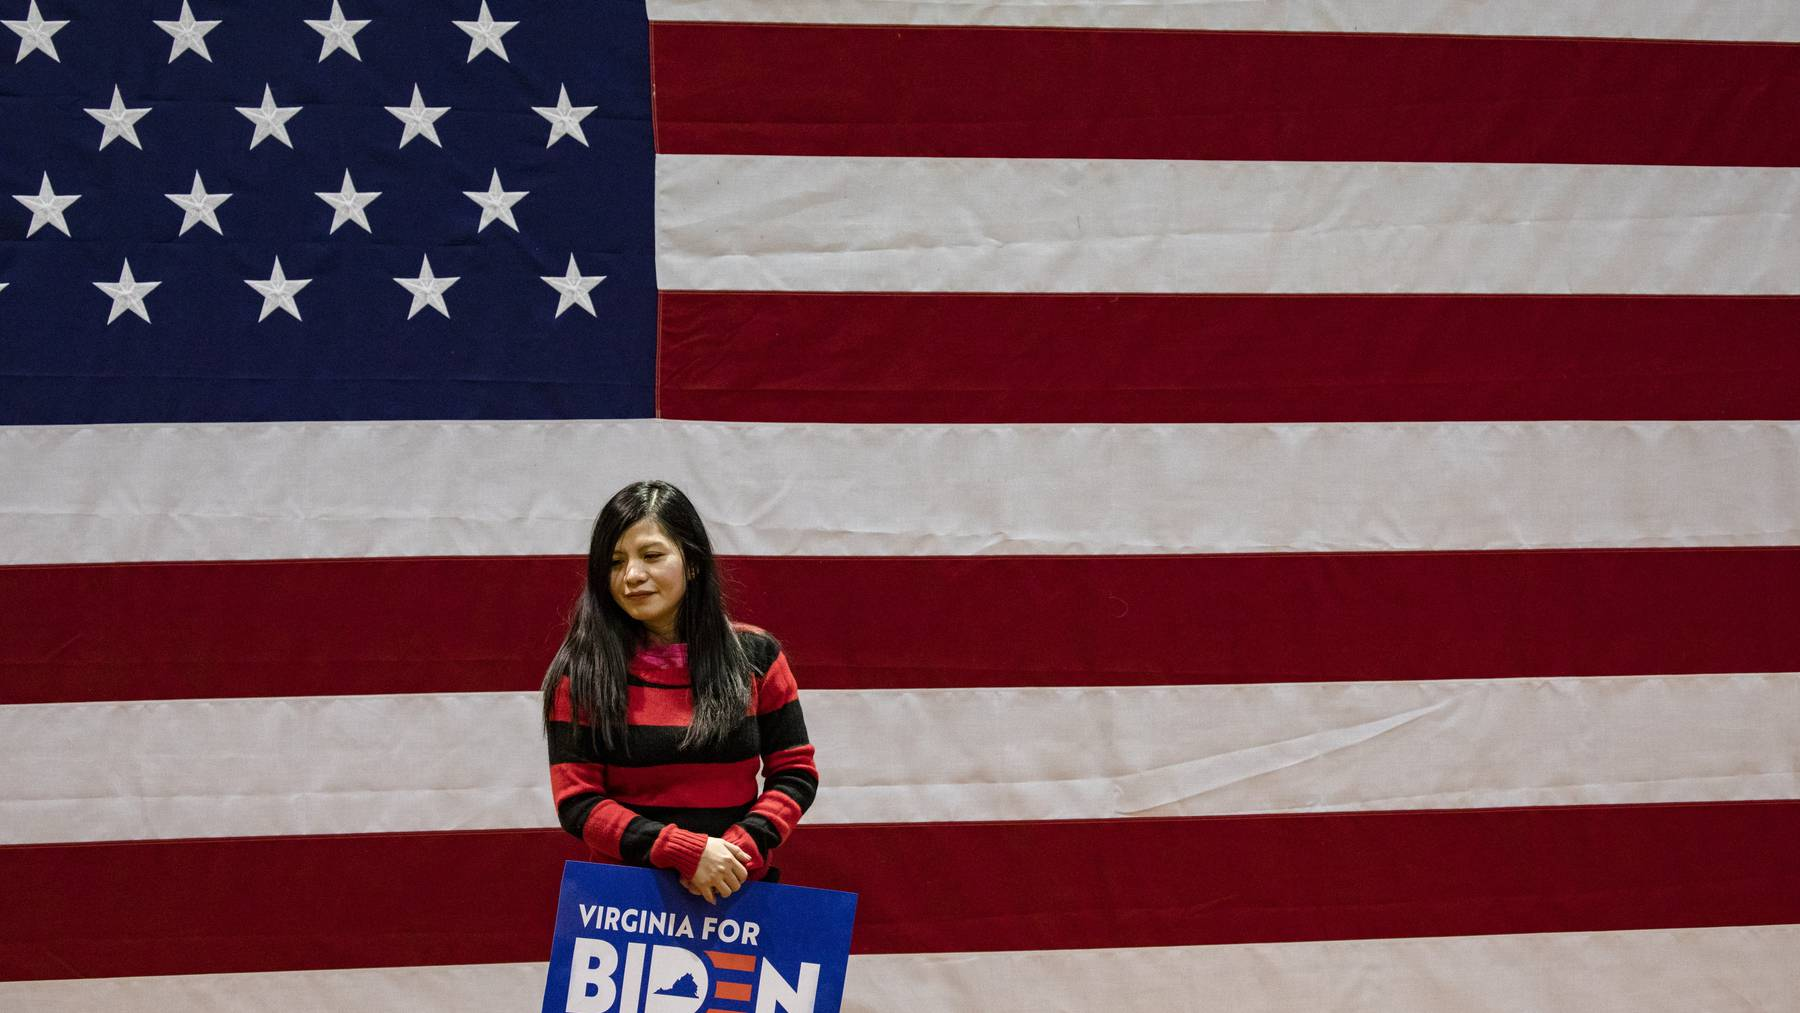 Joe Biden ist der wiederauferstandene Kandidat der Demokraten. Er wirkt bei seinen Auftritten wenig überzeugend. (Bild: Keystone)